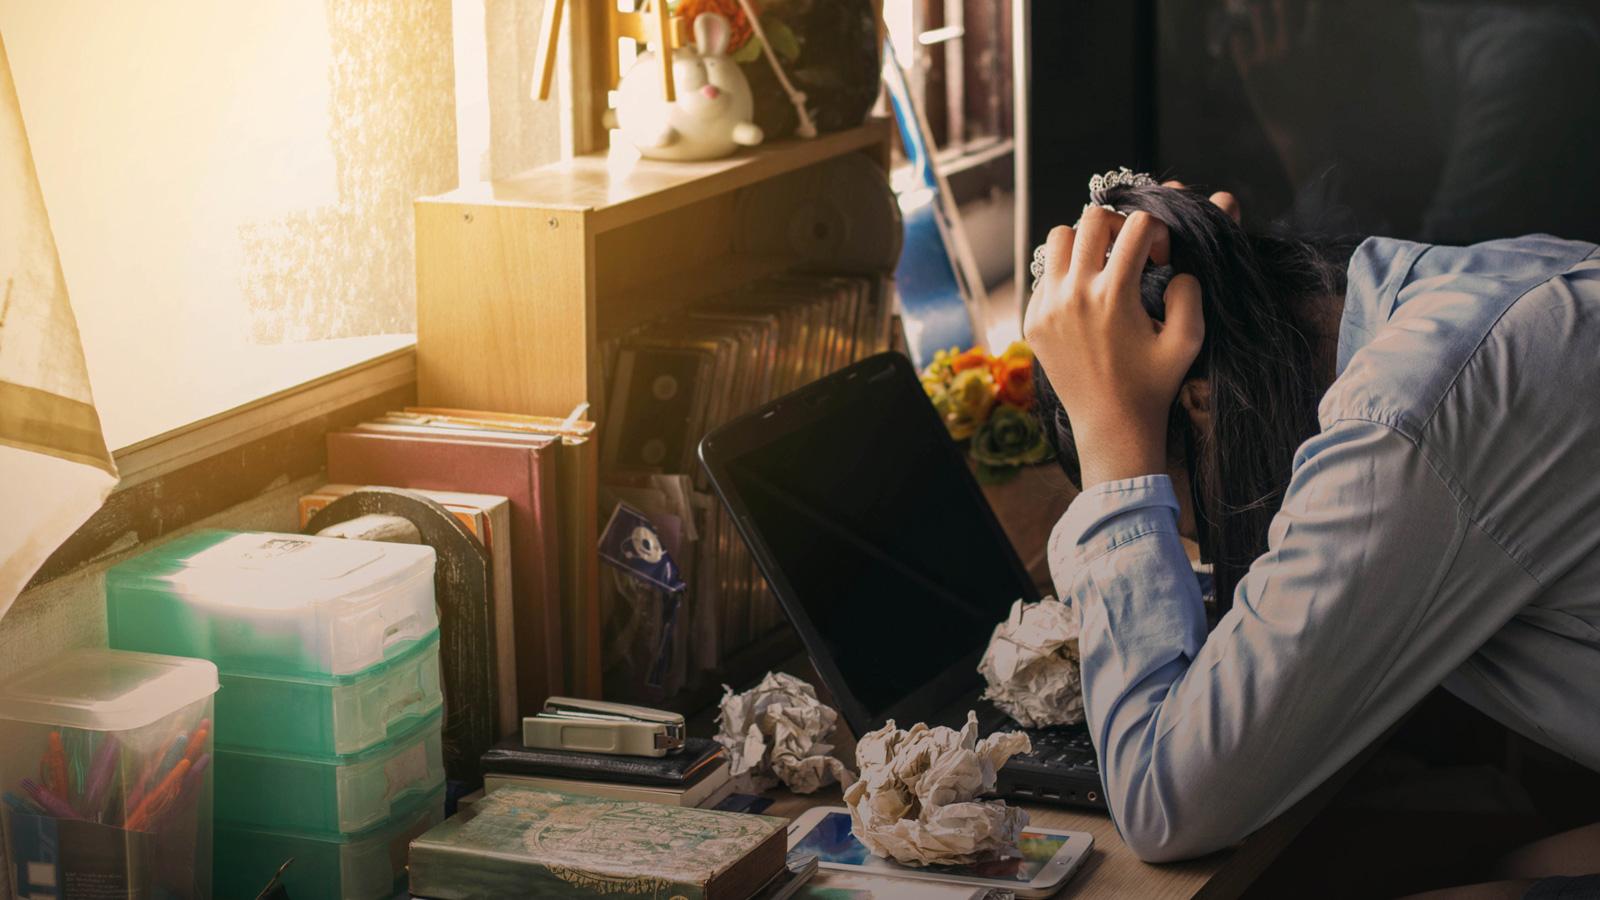 Nie daj się stresowi zostając w domu PrezentMarzeń mediarun stress work 2020